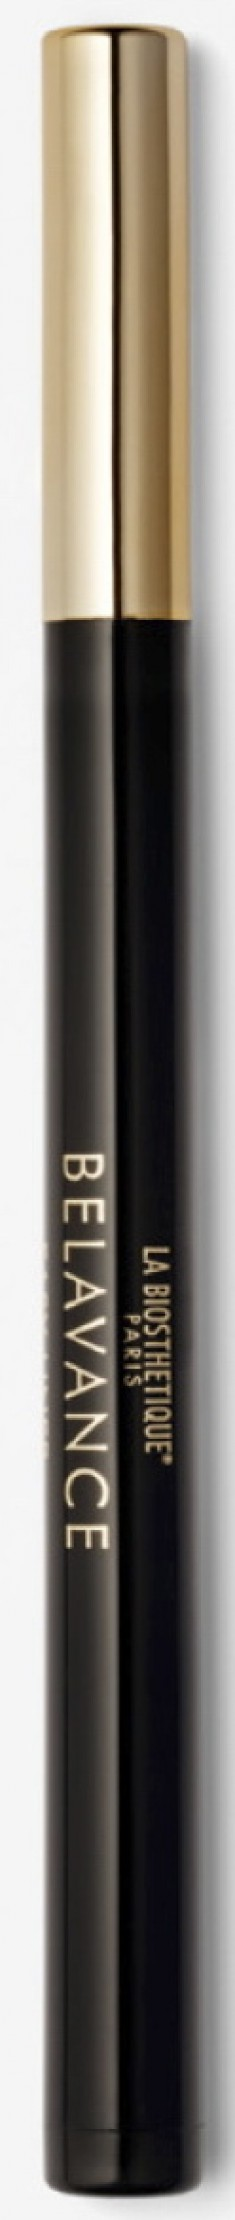 LA BIOSTHETIQUE Подводка водостойкая жидкая для глаз / Easy Liner Black 1,6 мл